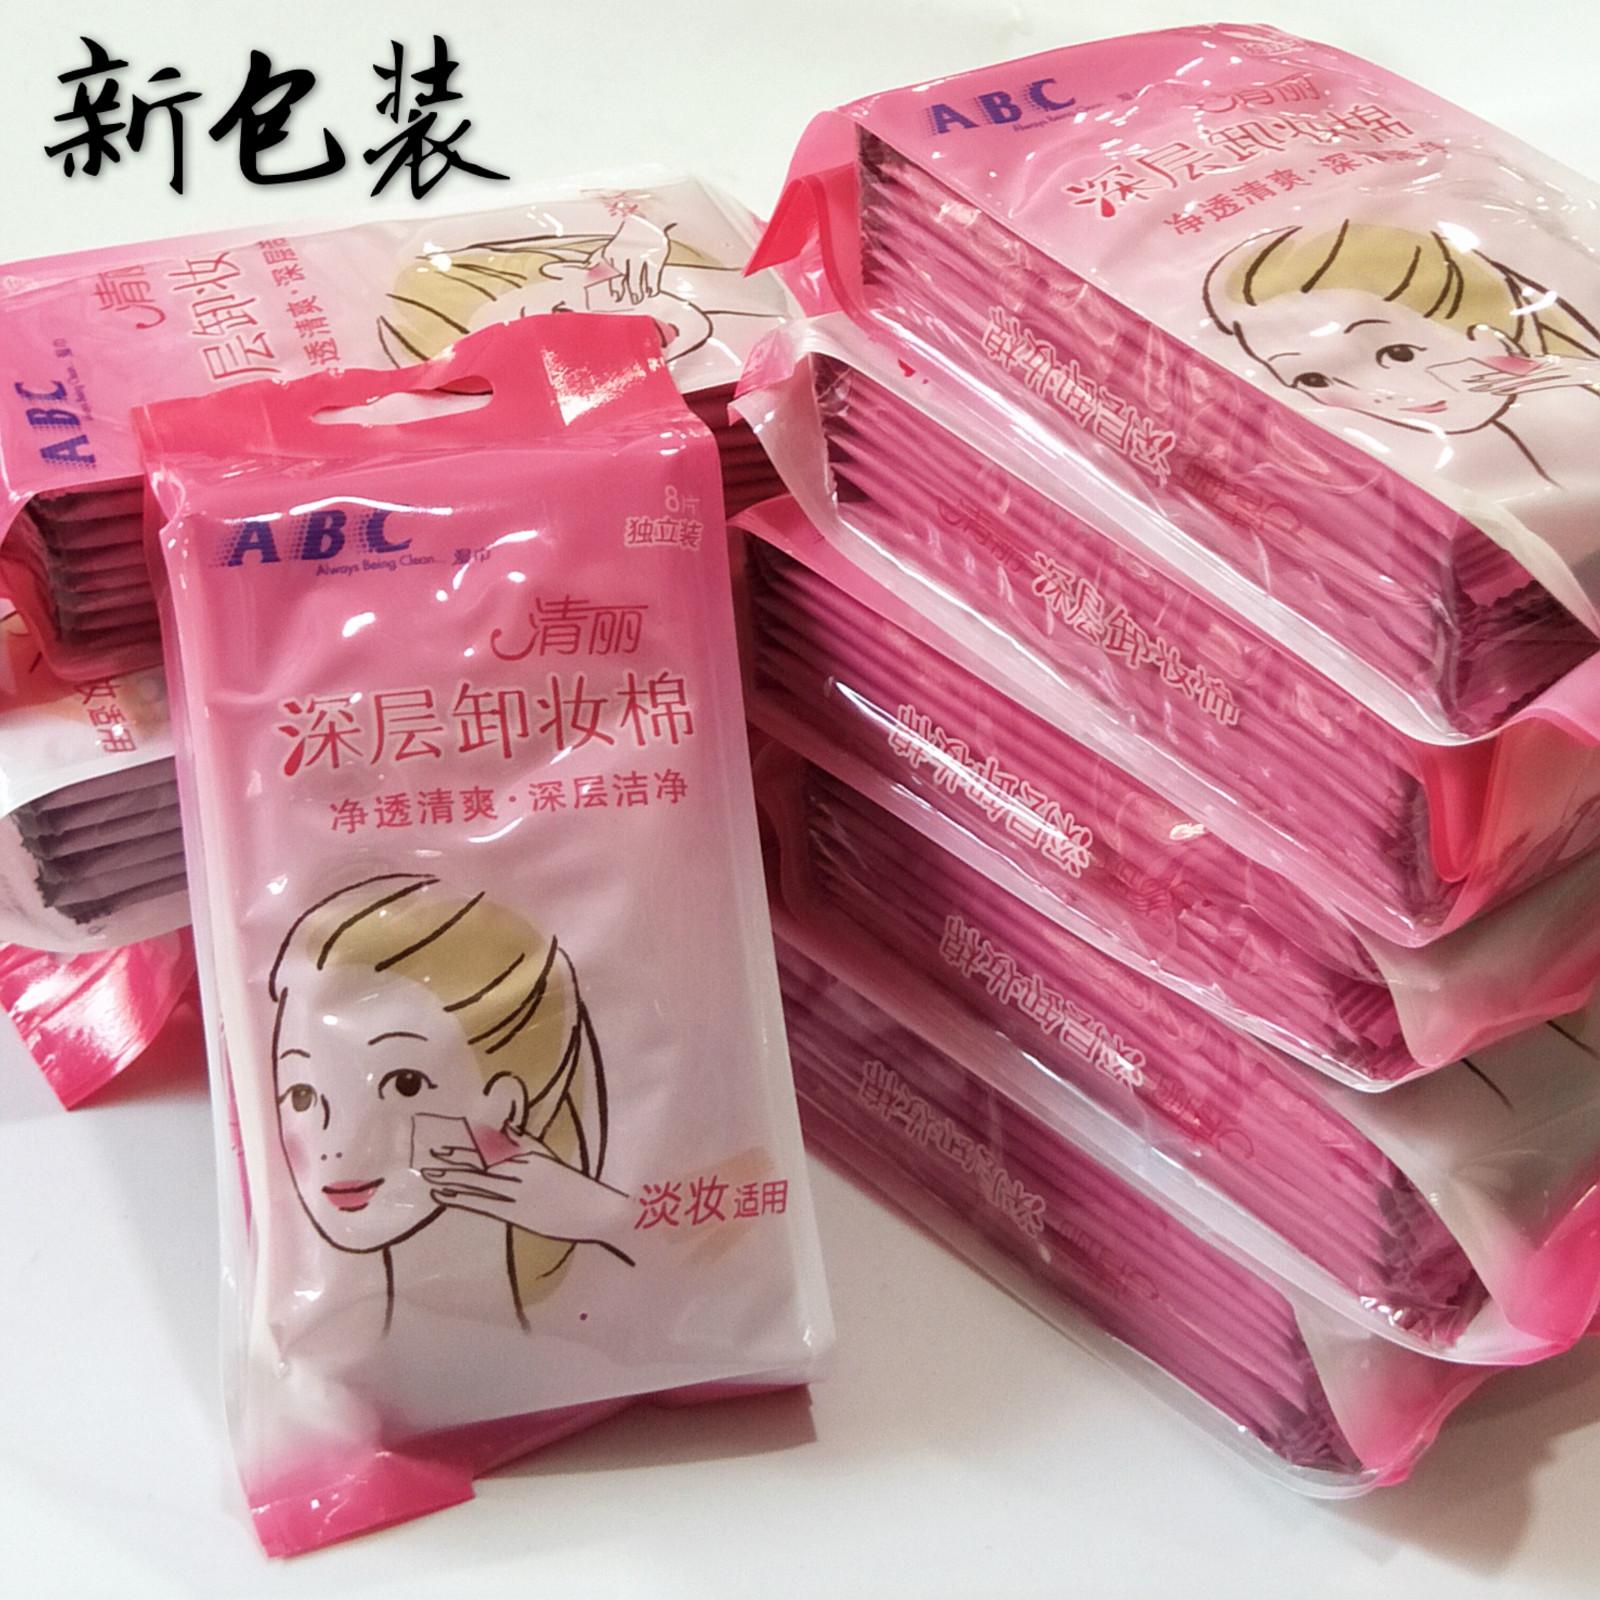 独立片装 正品ABC卸妆湿巾 10包全国包邮 每包8片 清丽卸妆棉